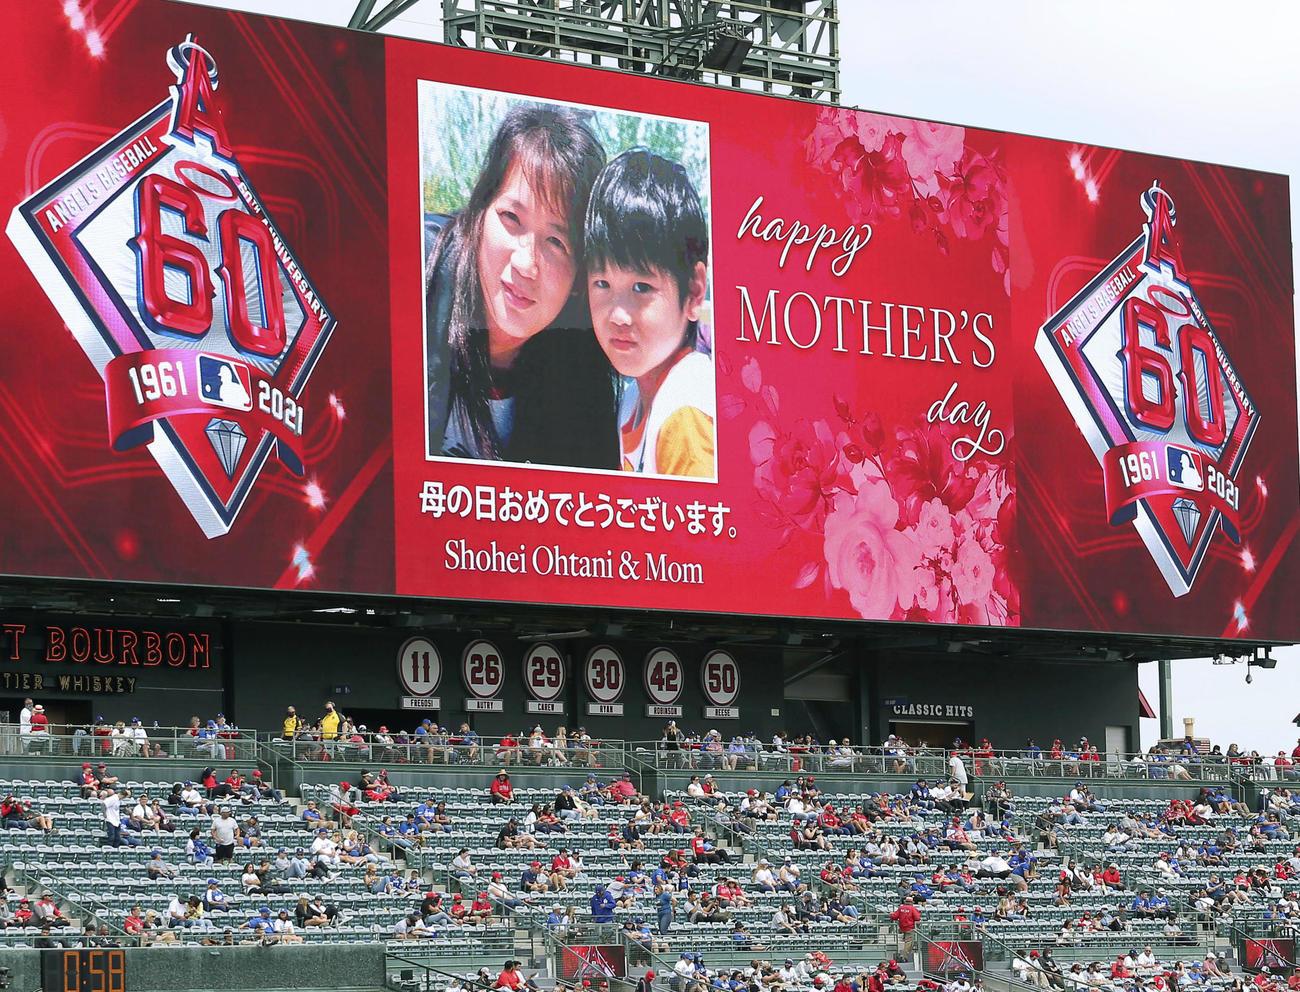 ドジャース戦で母の日に合わせ、エンゼルス大谷と母加代子さんとのツーショットが映し出された大型ビジョン(共同)